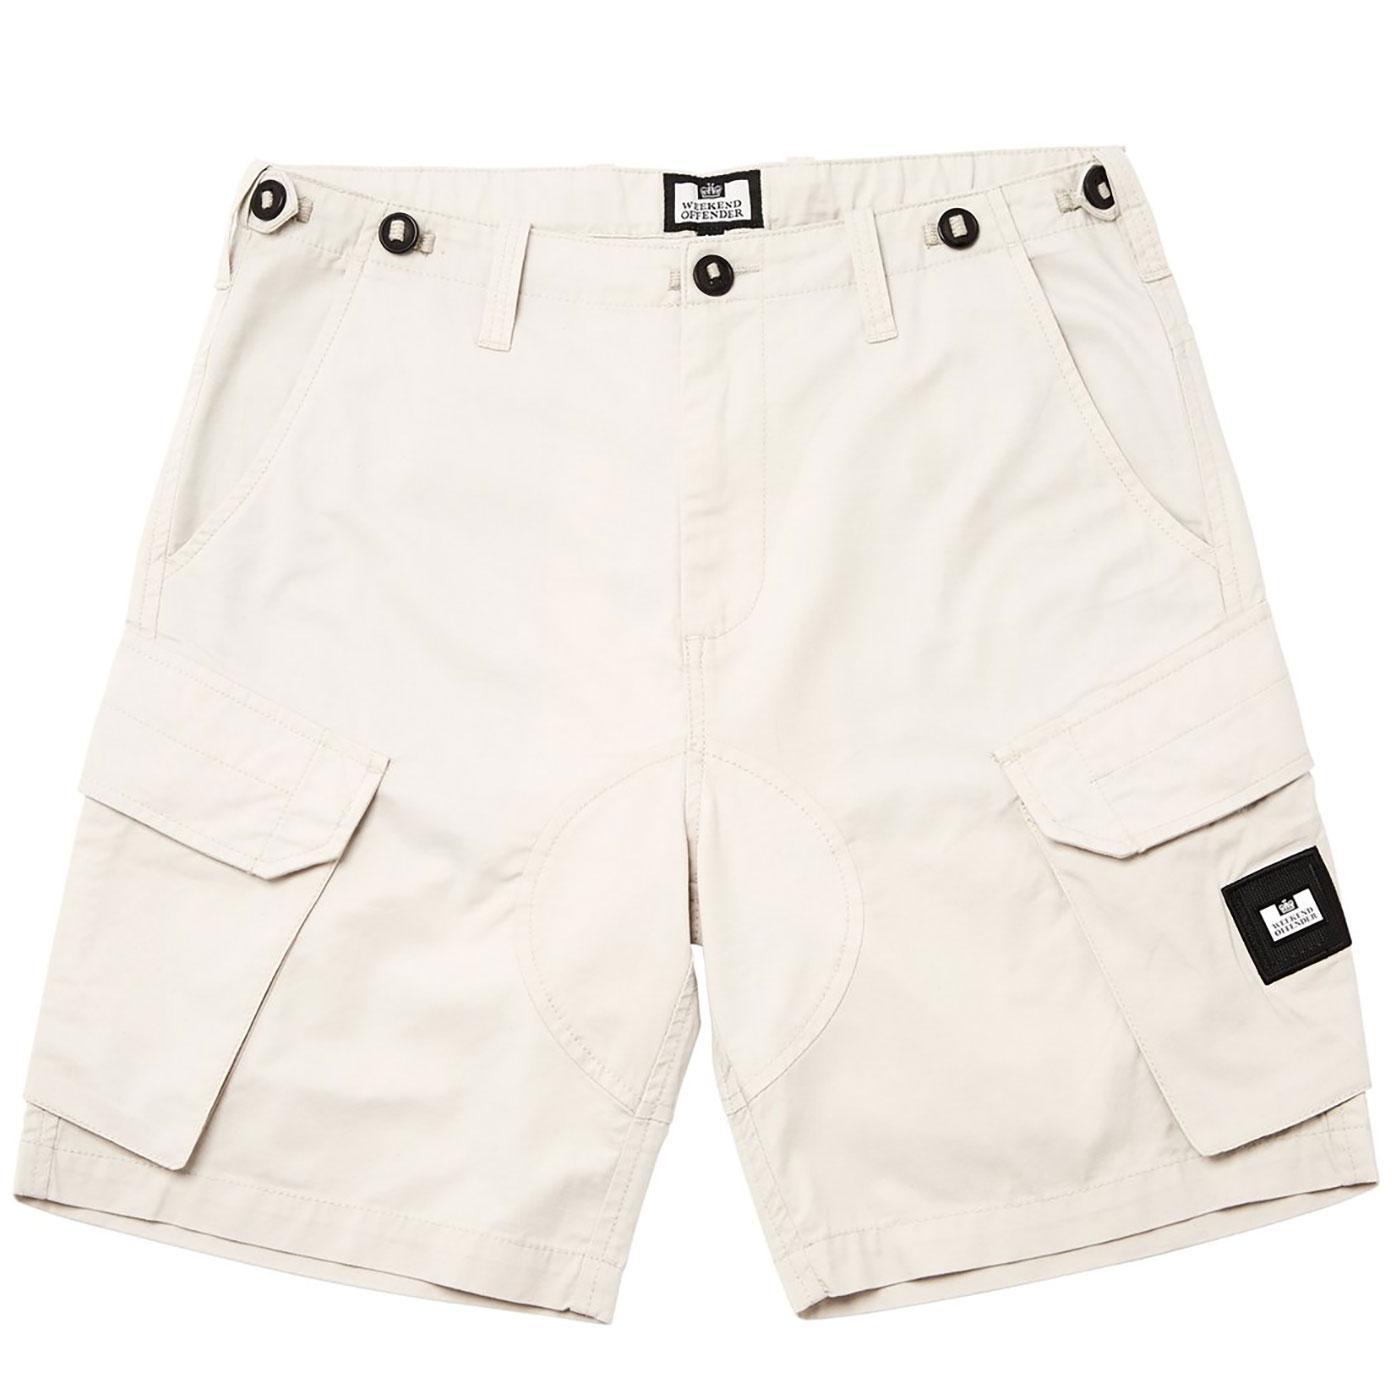 New Jersey WEEKEND OFFENDER Men's Cargo Shorts P